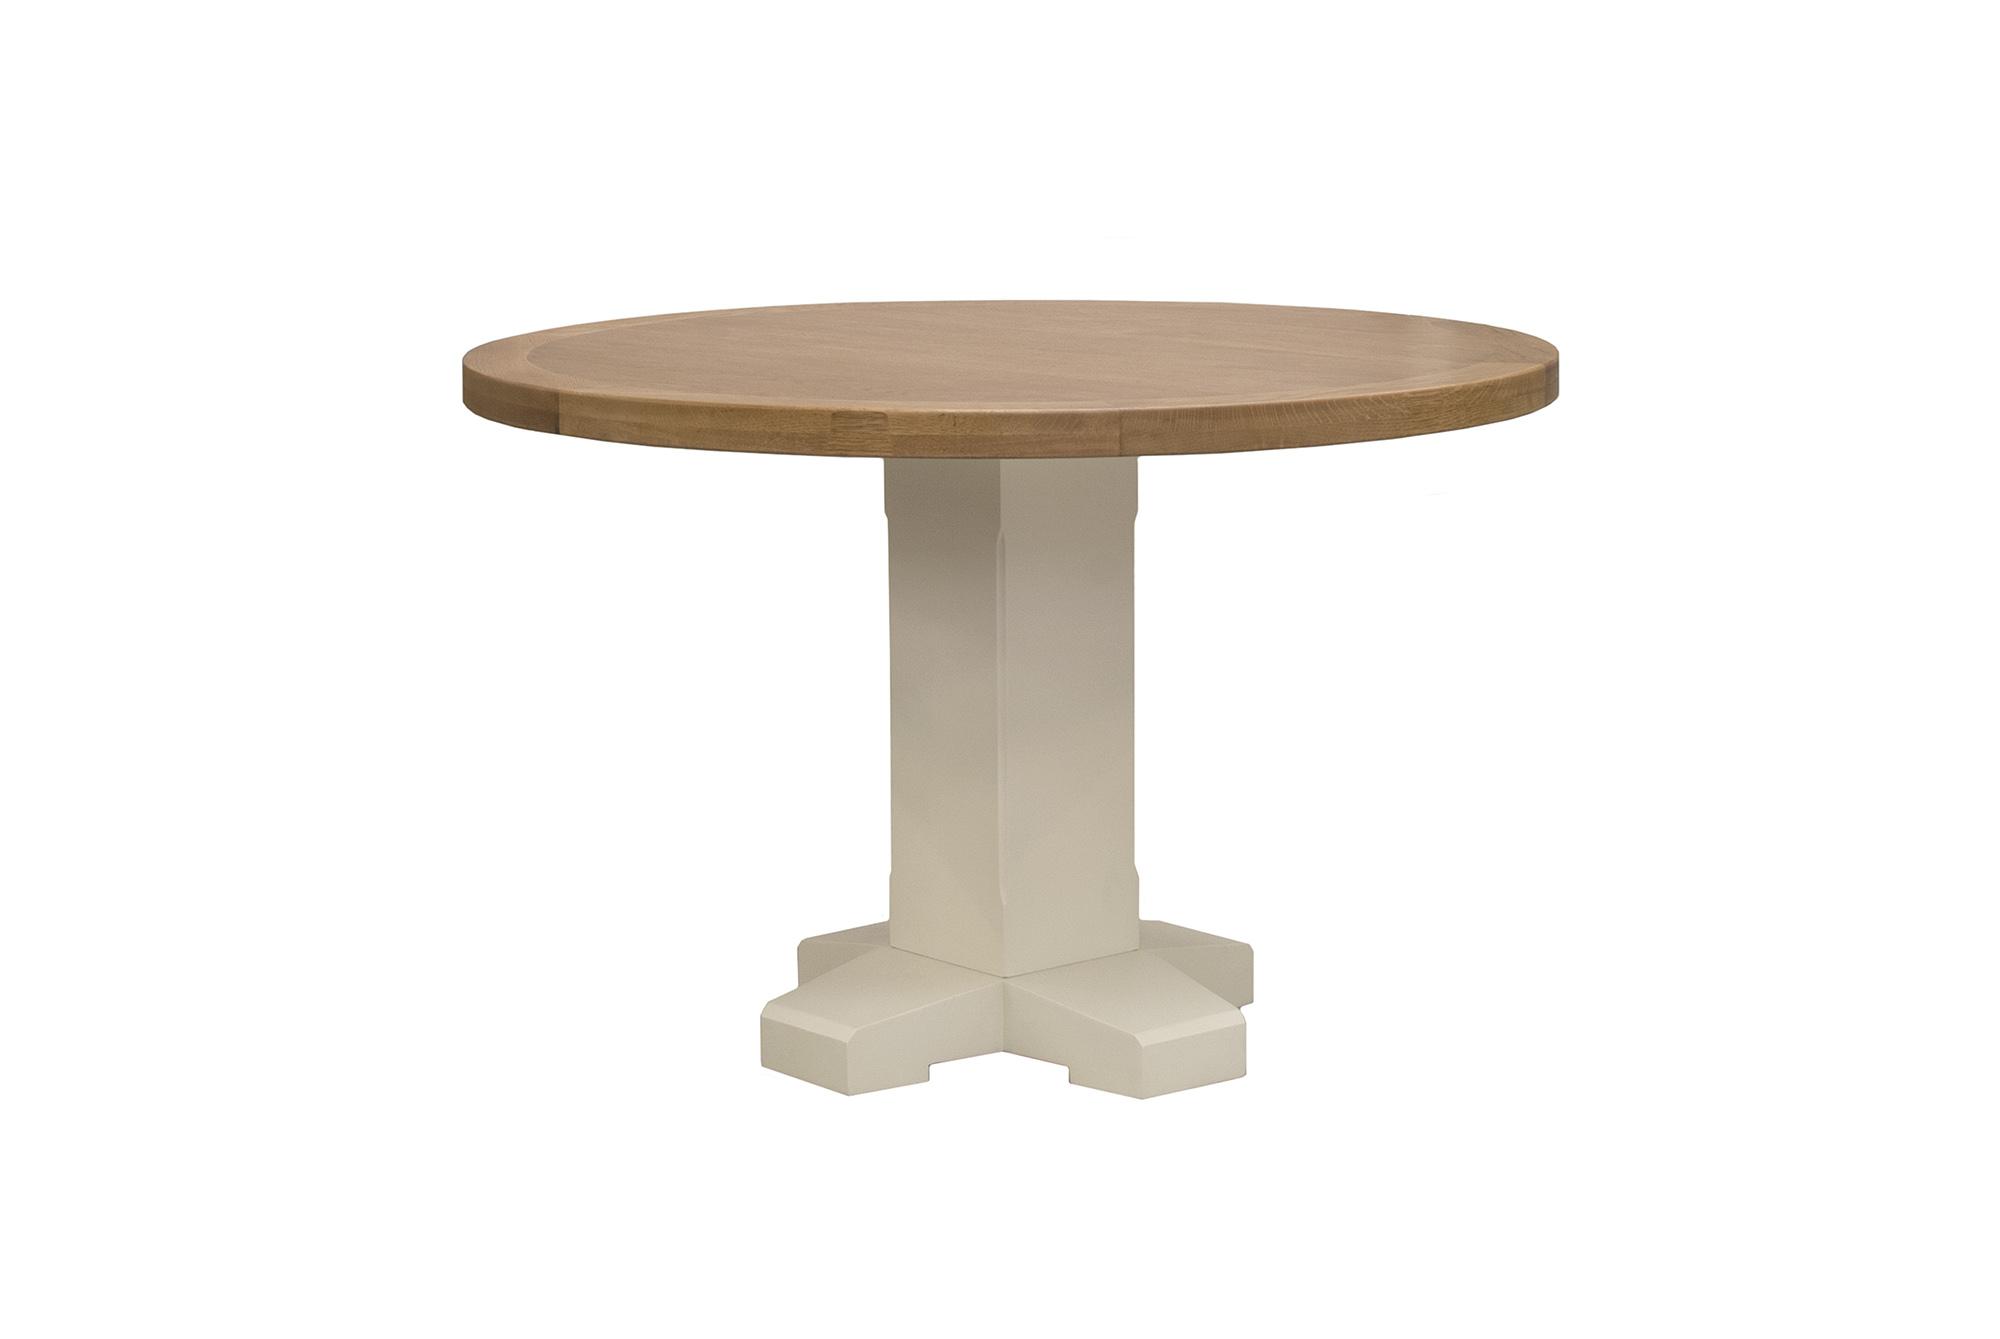 Masa din lemn de stejar Chaumont Ivoir O120xh78 cm